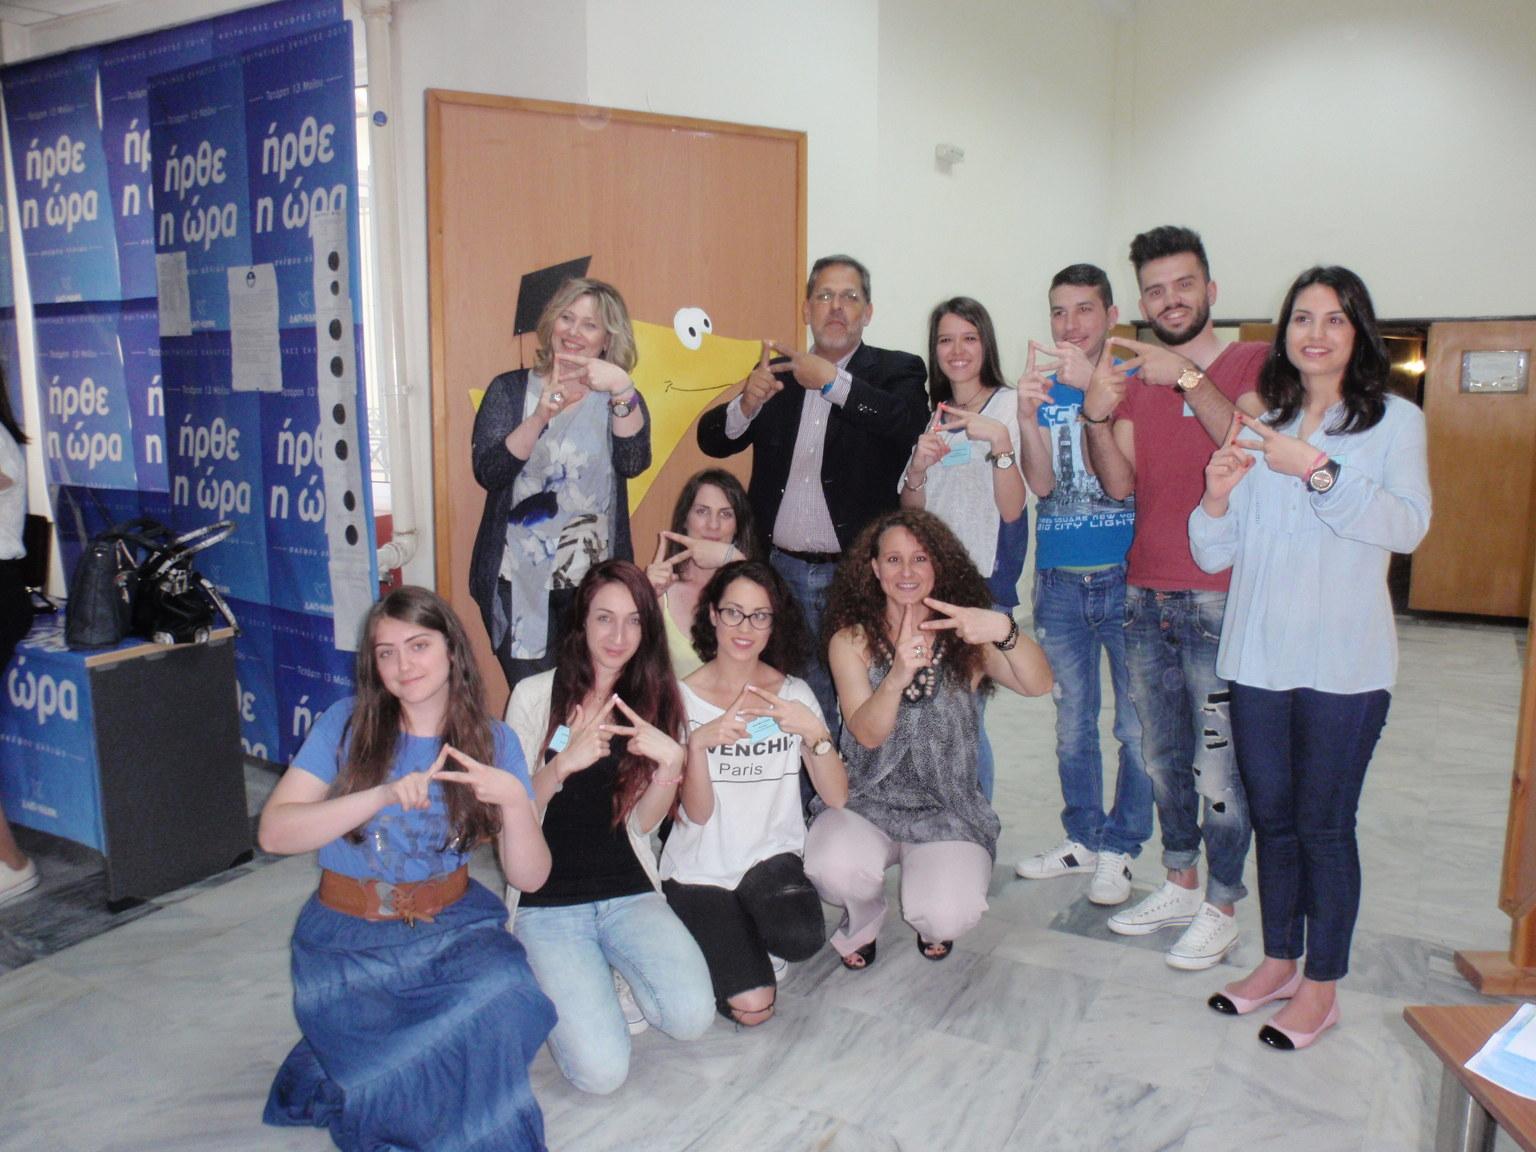 Ο συγγραφέας Βαγγέλης Ηλιόπουλος στην Παιδαγωγική Σχολή